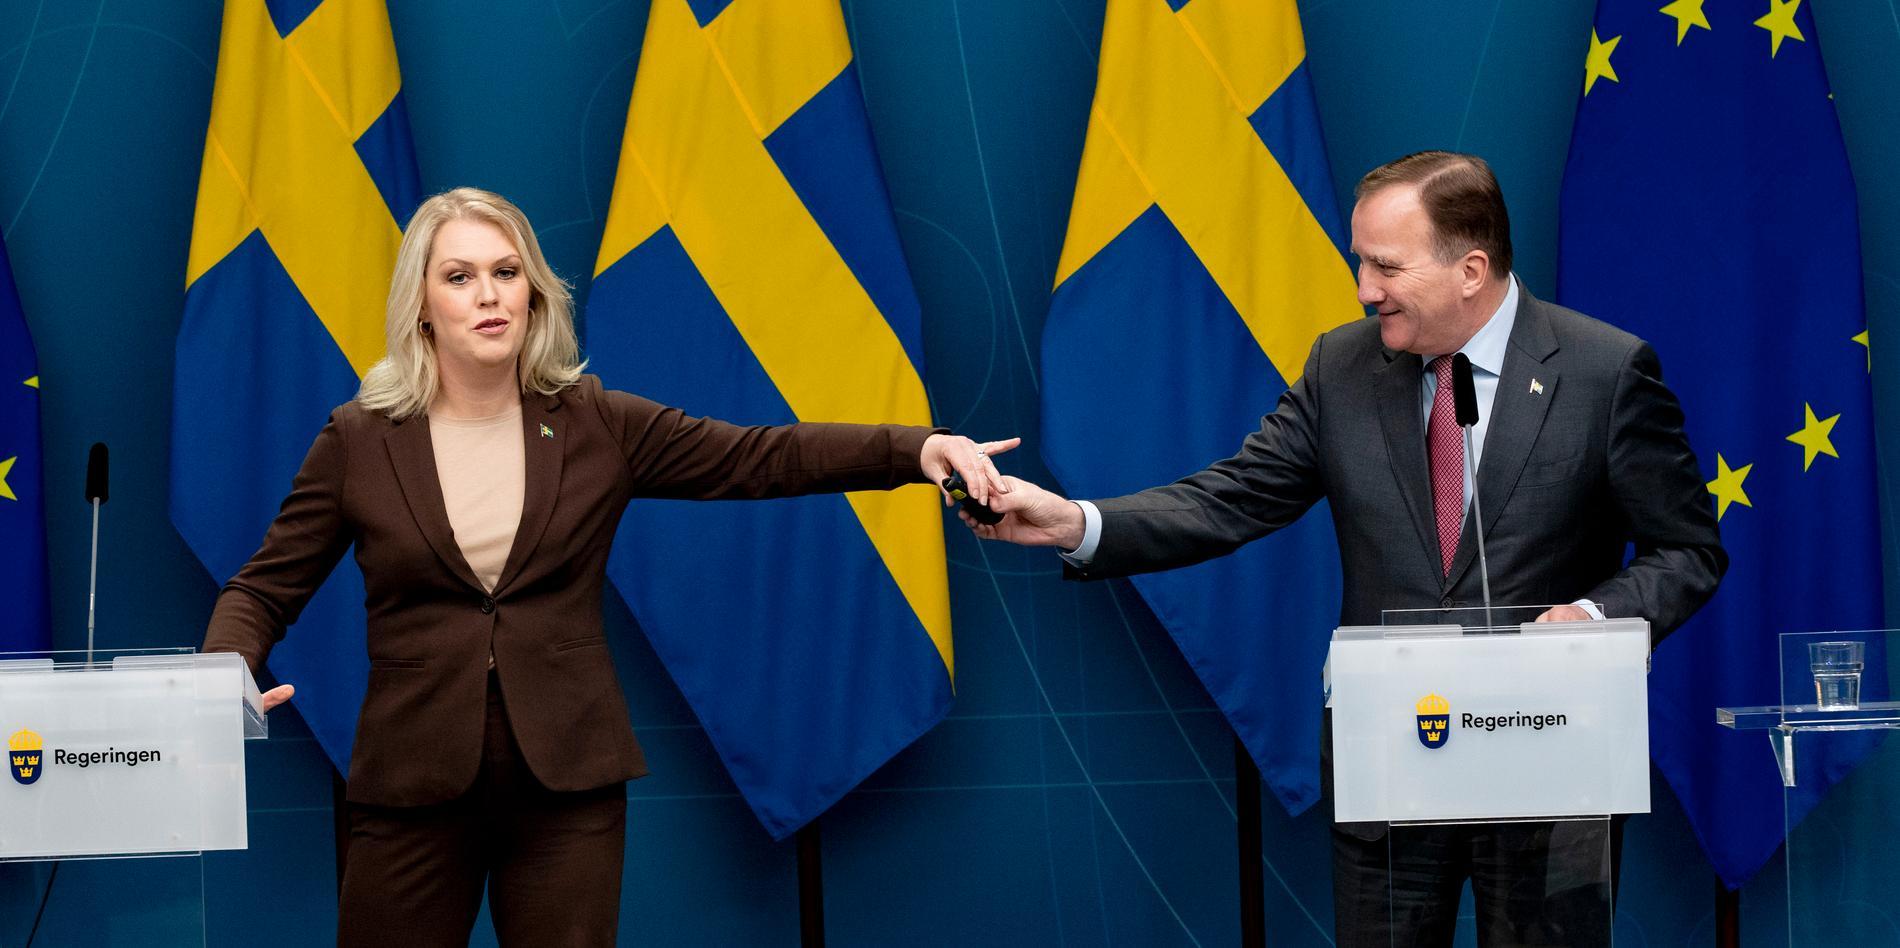 Socialminister Lena Hallengren och statsminister Stefan Löfven fick tung kritik av Konstitutionsutskottet i riksdagen idag för sin hantering av coronakrisen. Men KU menar också att merparten av regeringens arbete har fungerat väl.